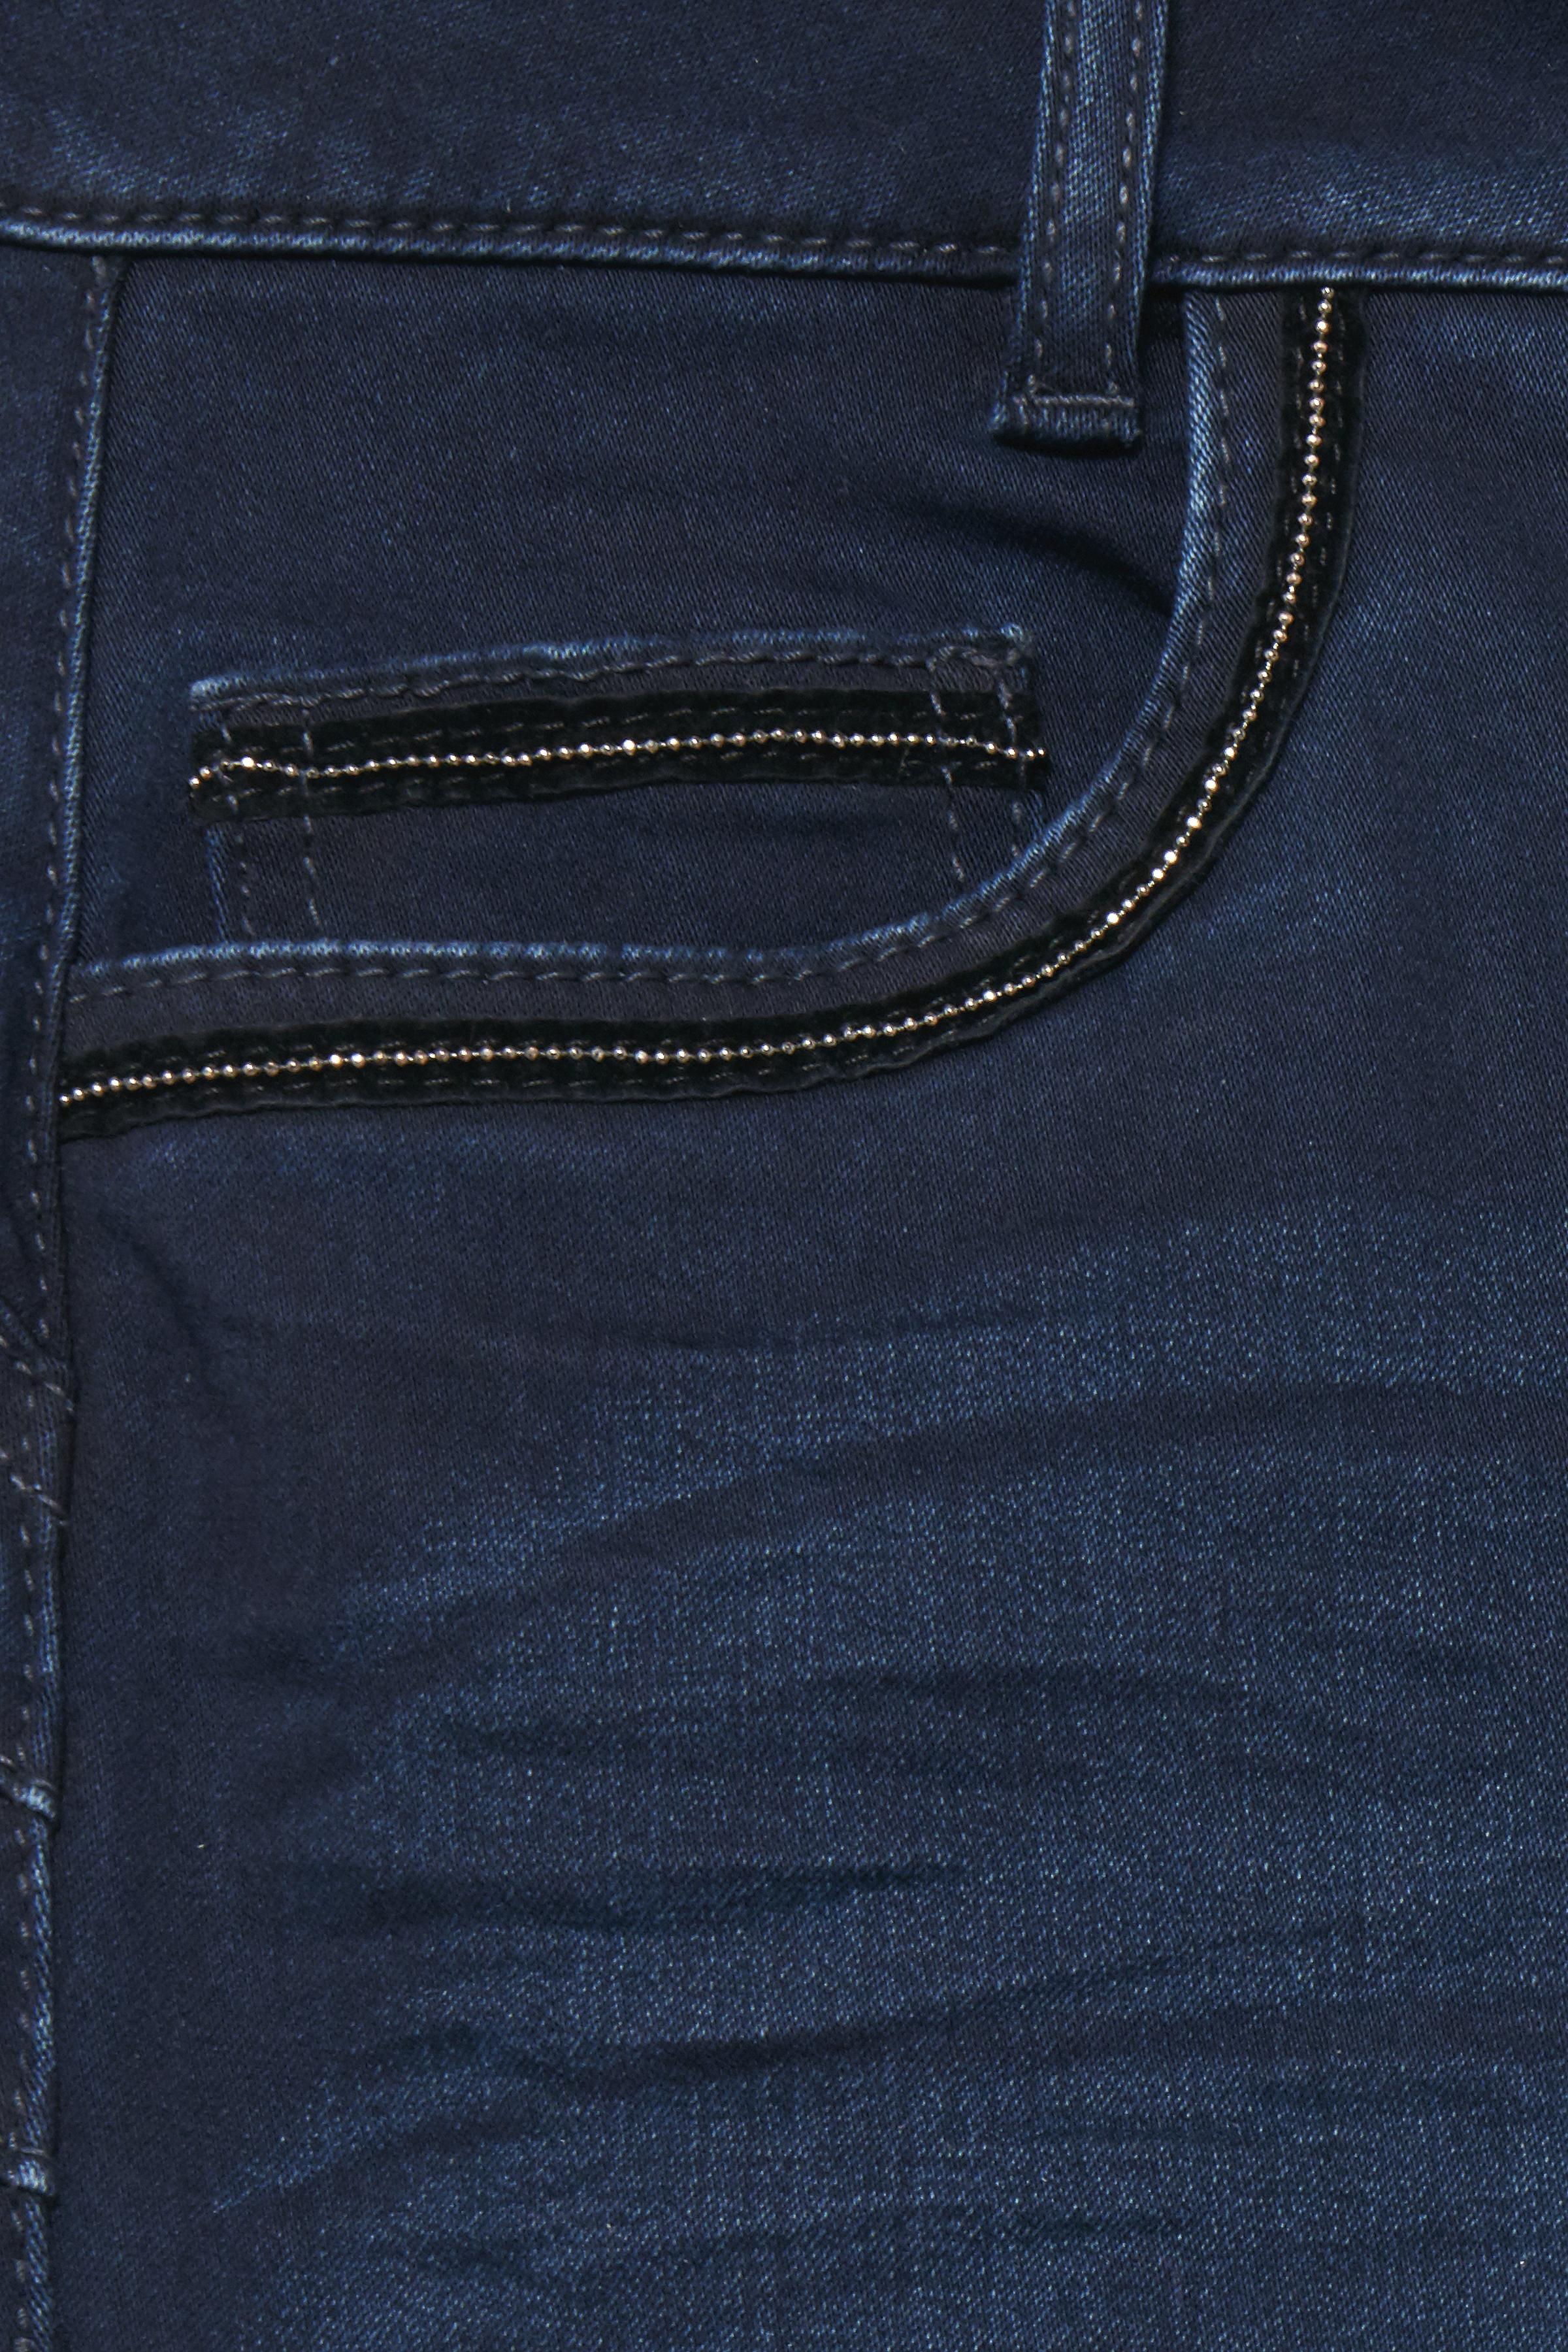 Mørkeblå Jeans fra Dranella – Køb Mørkeblå Jeans fra str. 32-46 her